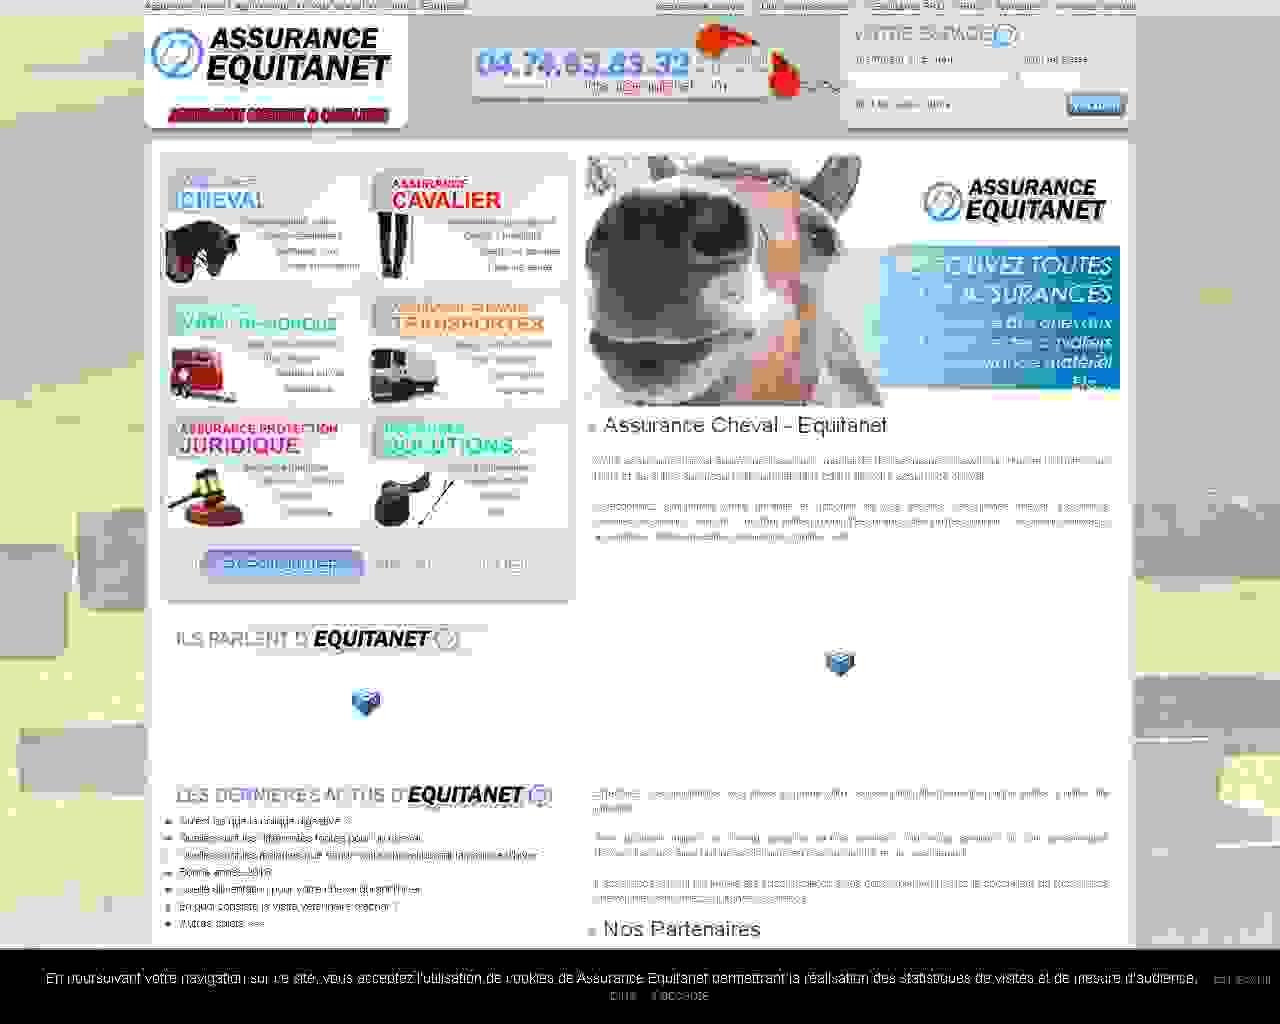 EQUITANET.COM